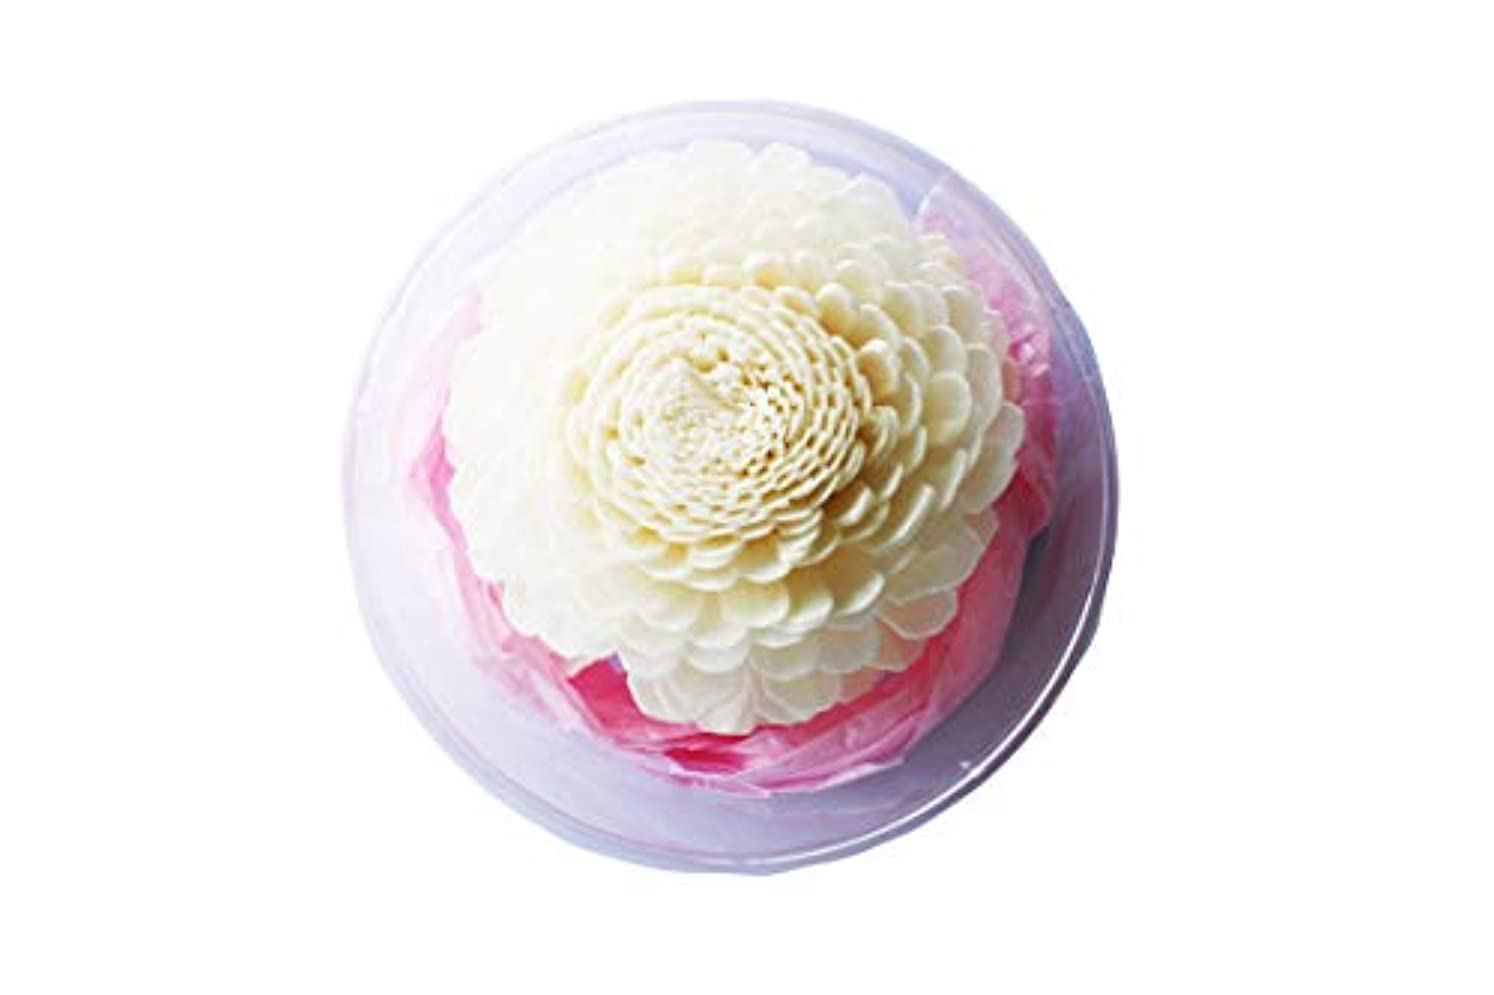 食料品店うまくいけばねばねばMAYA フラワーディフューザー ソラフラワー スイートジャスミン (8cm) |Aroma Flower Diffuser Sola Flower - Sweet Jasmine